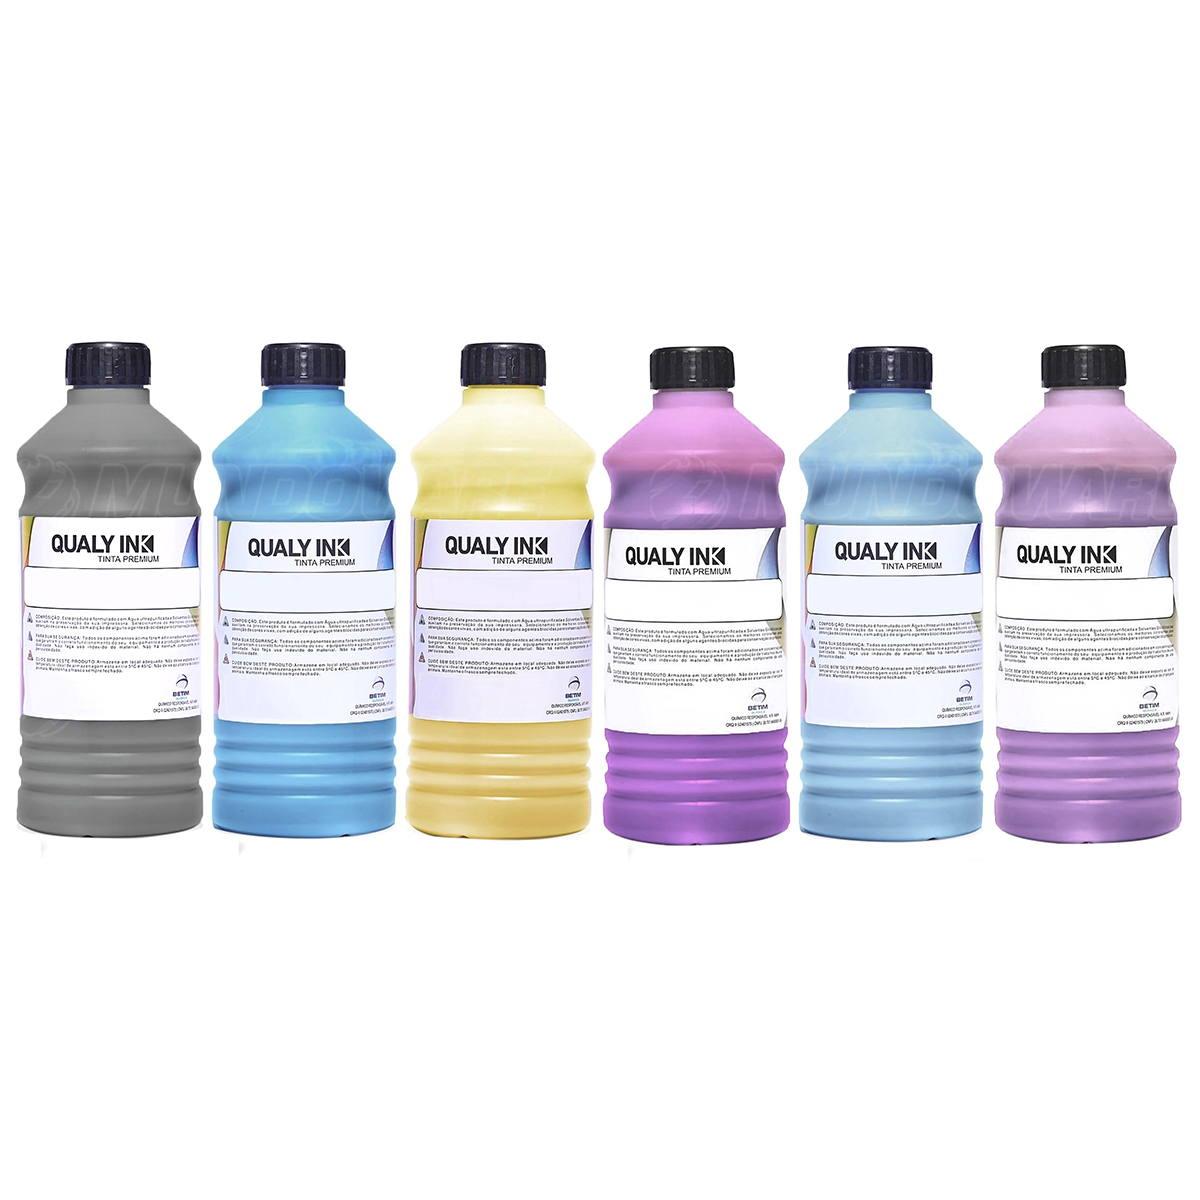 Compatível: Kit 6 Cores Tinta Corante Qualy-Ink Série 673 para Epson L800 L805 L810 L850 L1800 6 de 1L